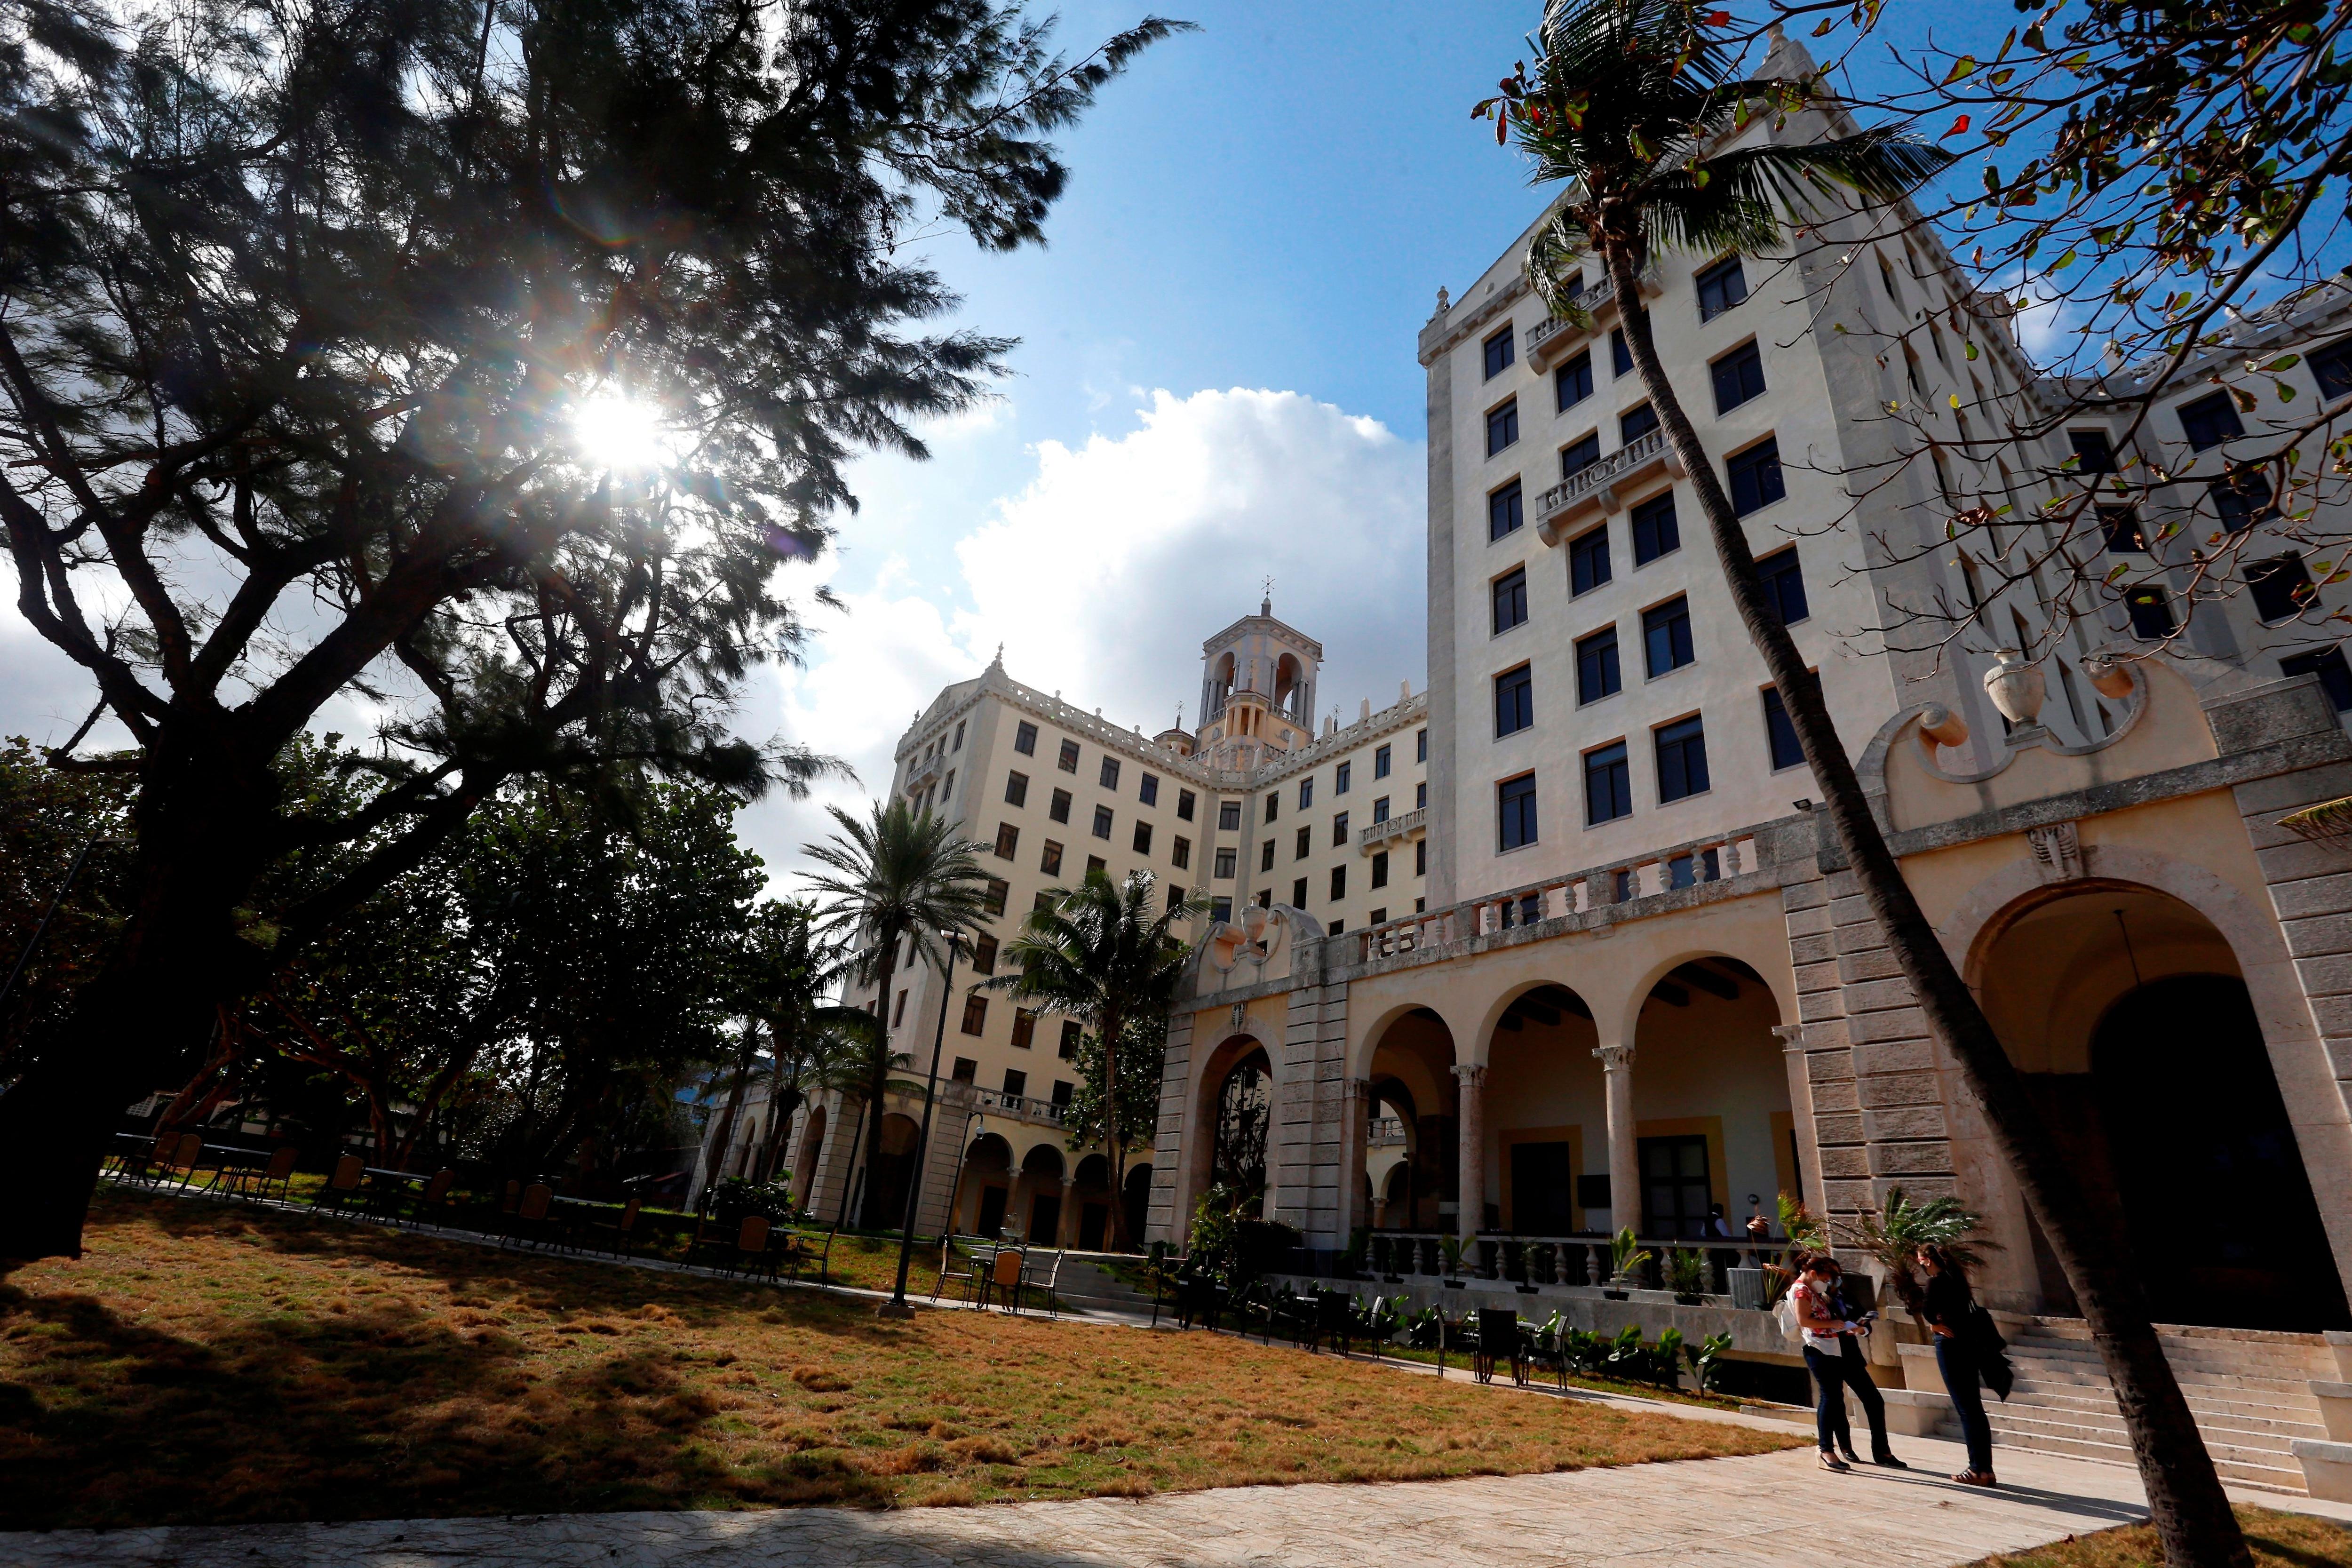 Fotografía que muestra la fachada exterior del Hotel Nacional de Cuba el 19 de enero del 2021, en La Habana (Cuba). EFE/ Ernesto Mastrascusa